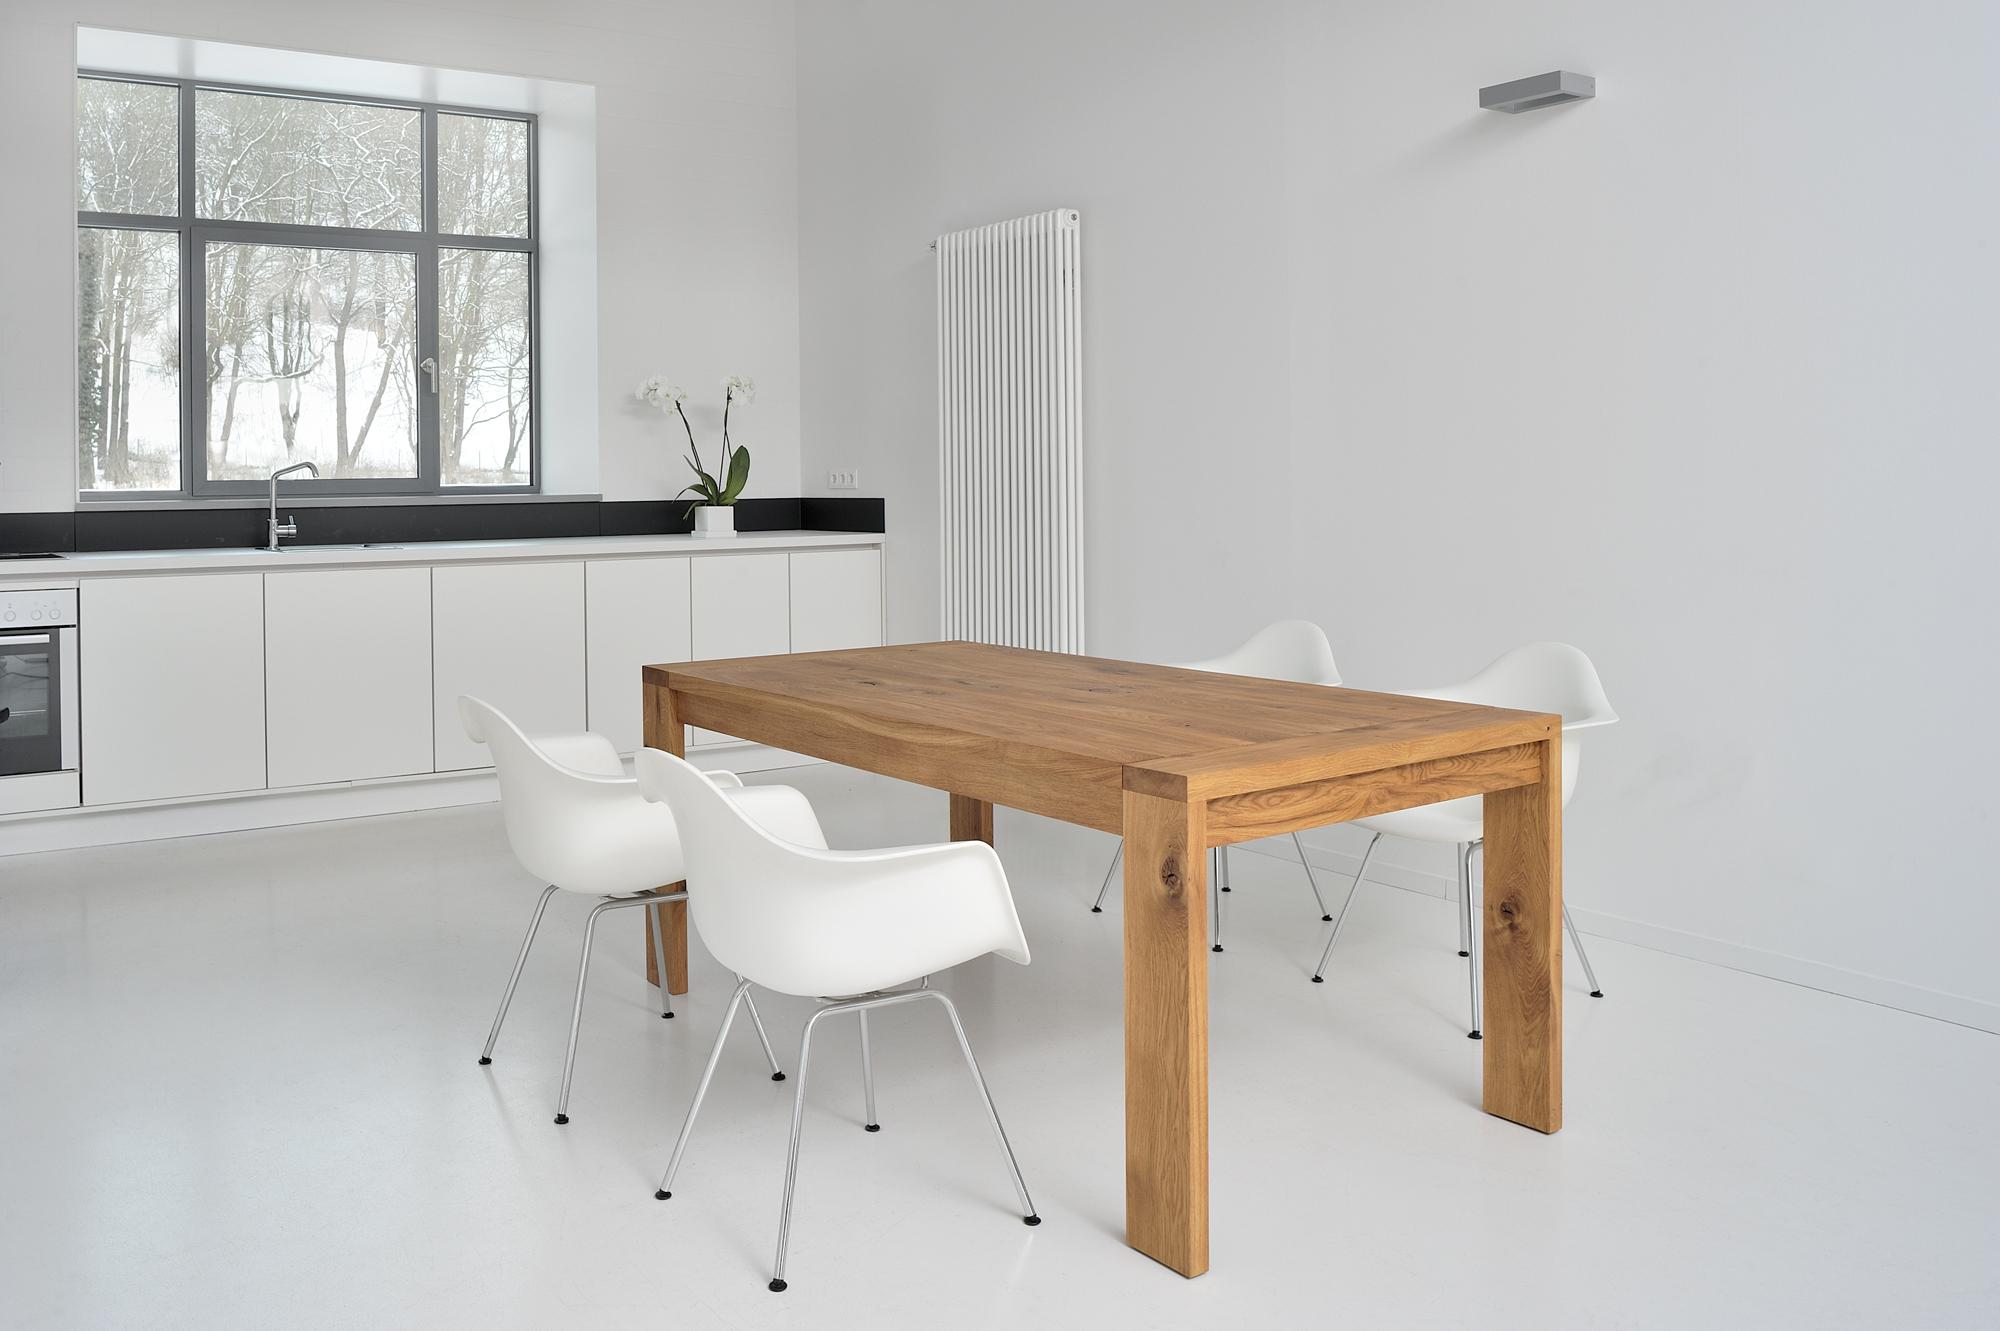 wohnen in leichtigkeit mit wei und holz i holzdesignpur. Black Bedroom Furniture Sets. Home Design Ideas